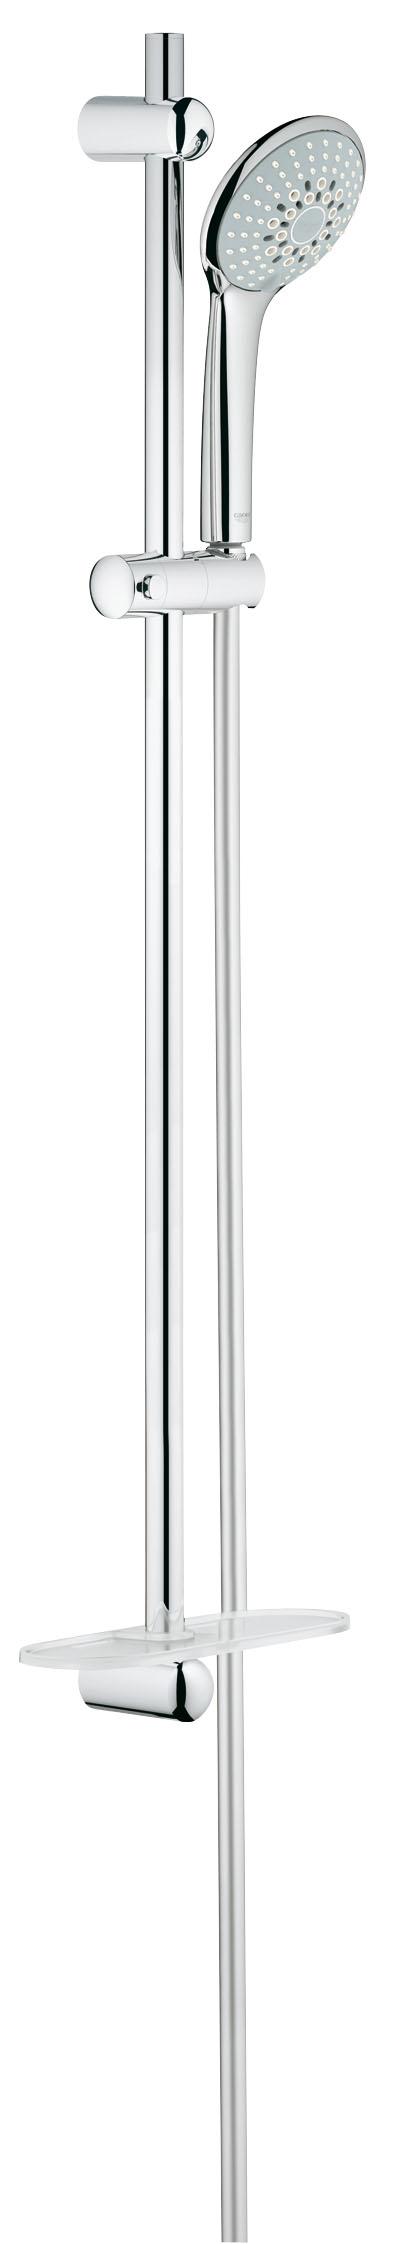 Душевой комплект GROHE Euphoria, штанга 900мм. (27227001)27227001Включает в себя: Ручной душ Champagne (27 222 000) Душевая штанга 900 мм (27 500 000) GROHE QuickFix(регулируемое расстояние между настенными креплениями штанги позволяет использовать для монтажа уже имеющиеся отверстия в стене) Душевой шланг 1750 мм (28 388 000) Полочка GROHE EasyReach™(27 596 000) GROHE DreamSpray превосходный поток воды GROHE SprayDimmer GROHE StarLight хромированная поверхностьС системой SpeedClean против известковых отложений Внутренний охлаждающий канал для продолжительного срока службы Twistfree против перекручивания шлангаВидео по установке является исключительно информационным. Установка должна проводиться профессионалами!